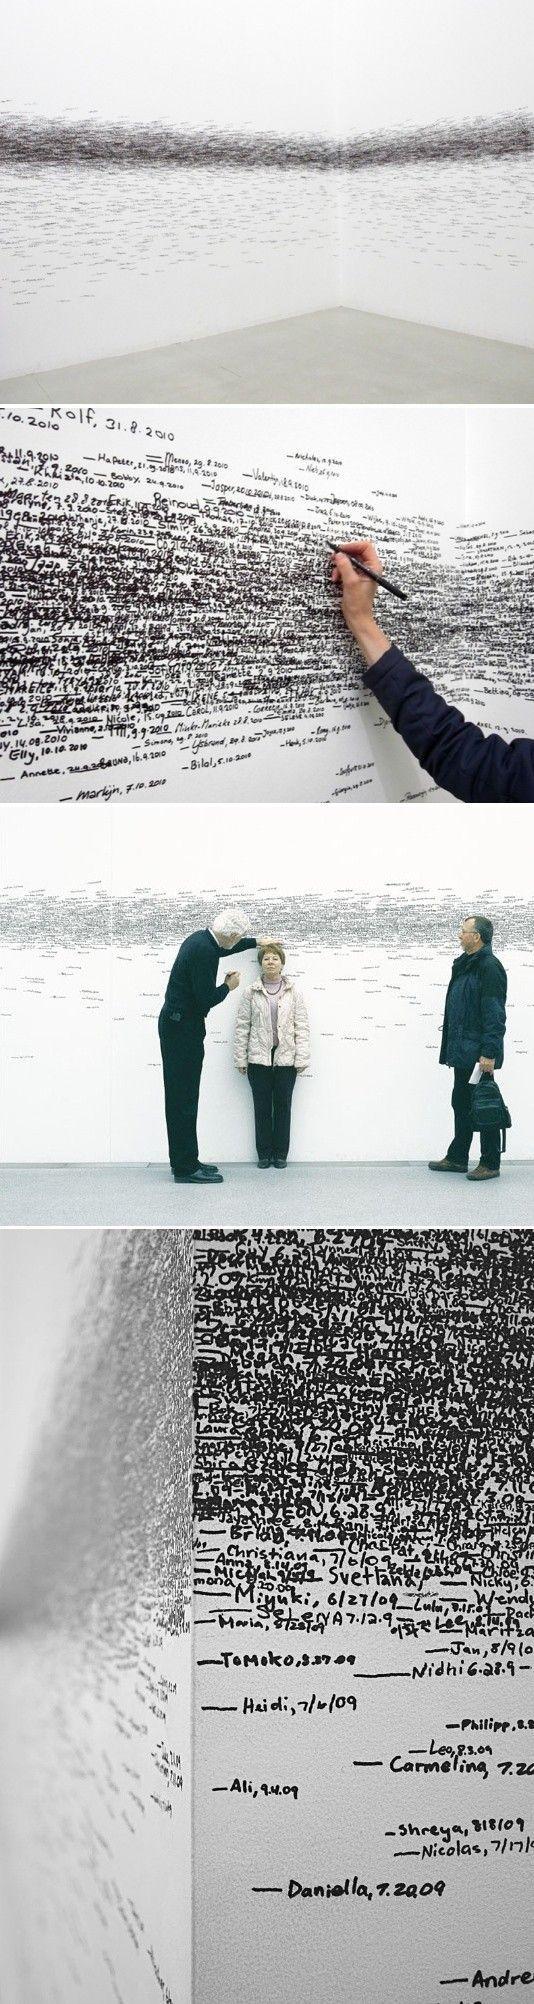 MoMA | Performance 4: Roman Ondák.